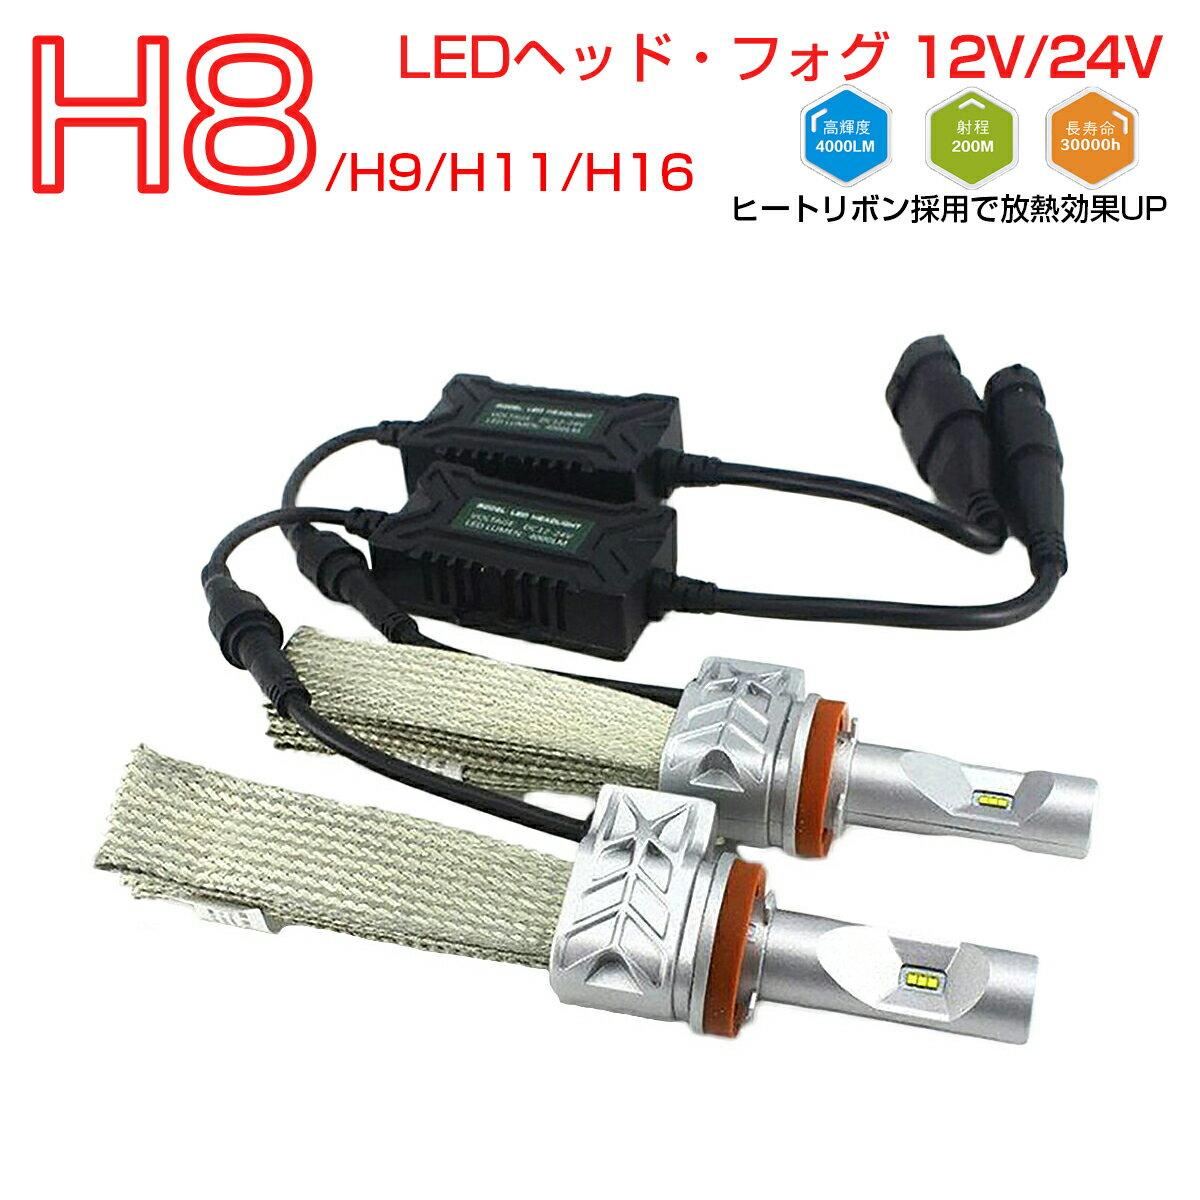 SUZUKI SX-4 セダン H19.7〜 YC11S HID仕様 フォグランプ [H11] 2個入り PHILIPS LED H11 ヒートリボン採用 宅配便送料無料 6ヶ月保証 K&M